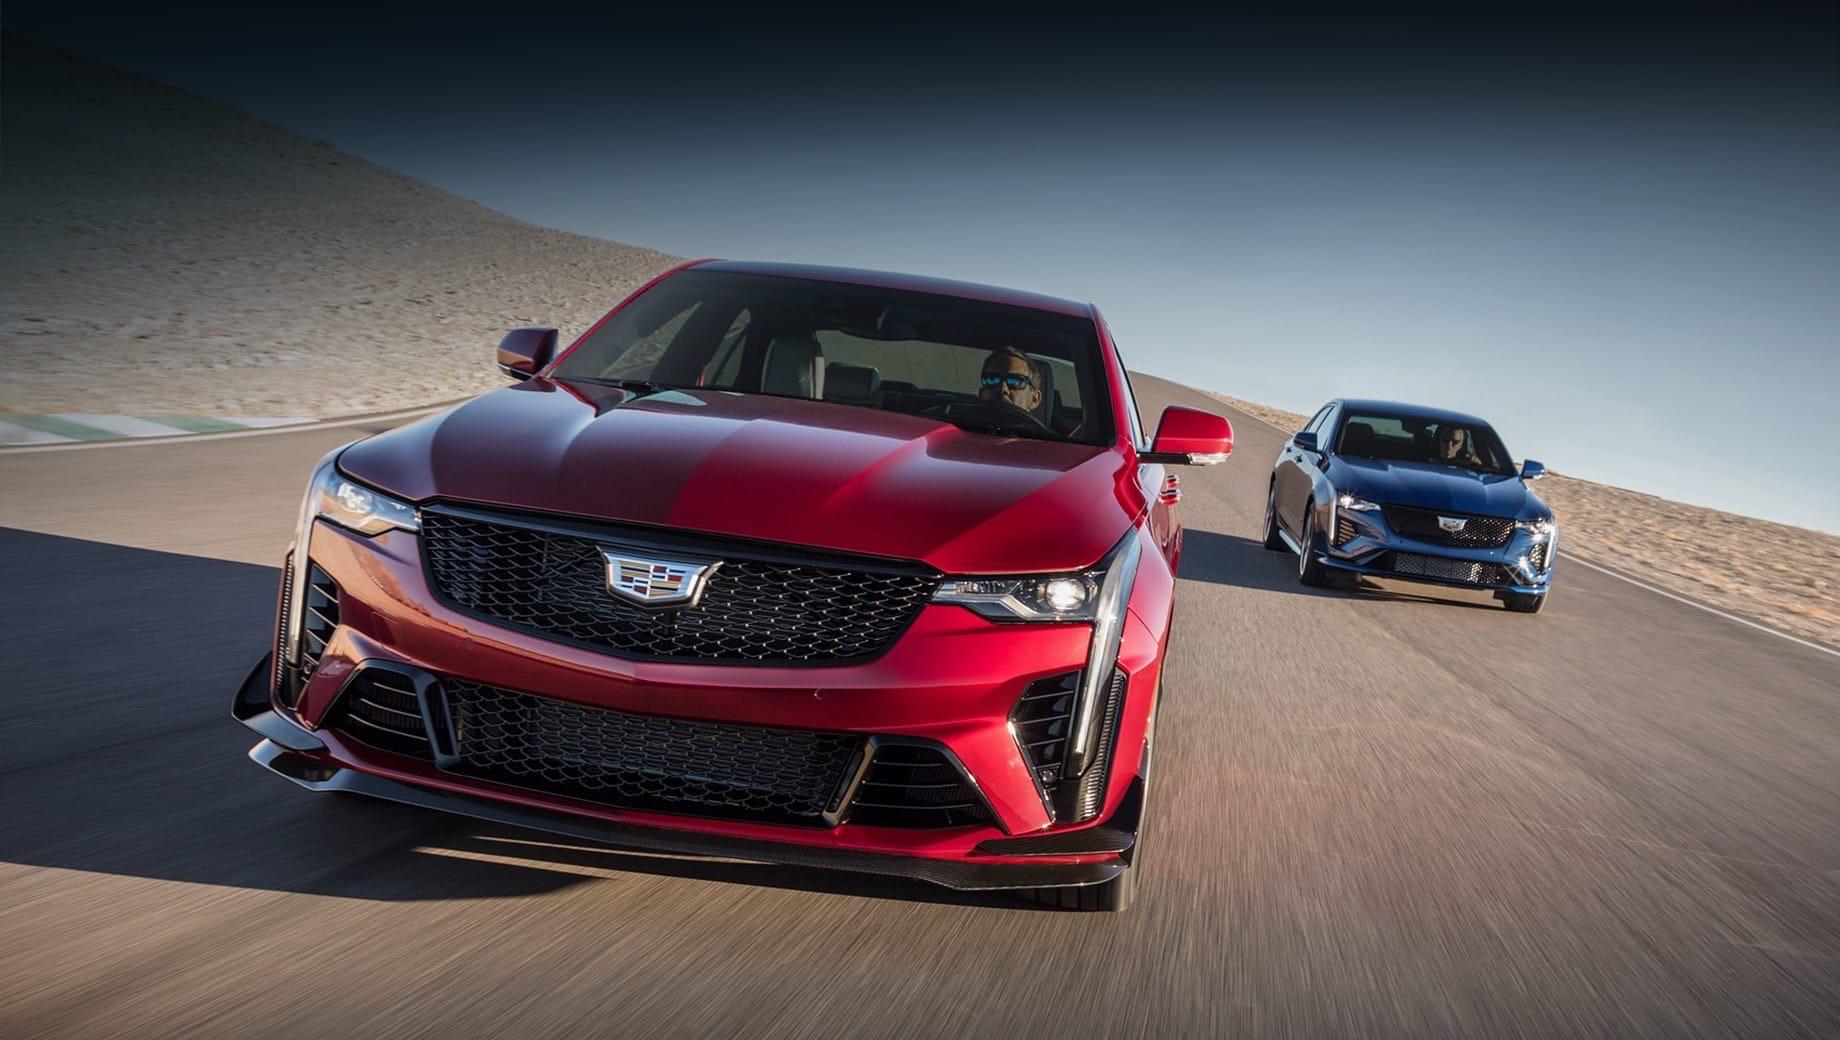 Cadillac ct4-v,Cadillac ct4-v blackwing,Cadillac ct5-v,Cadillac ct5-v blackwing. Серию Blackwing выдают более крупные воздухозаборники и развитое углепластиковое оперение, включая огромный спойлер на крышке багажника. Кованые алюминиевые колёса на CT4 обуты в шины Michelin Pilot Sport 4S размерностью 255/35 ZR18 спереди и 275/35 ZR18 сзади.